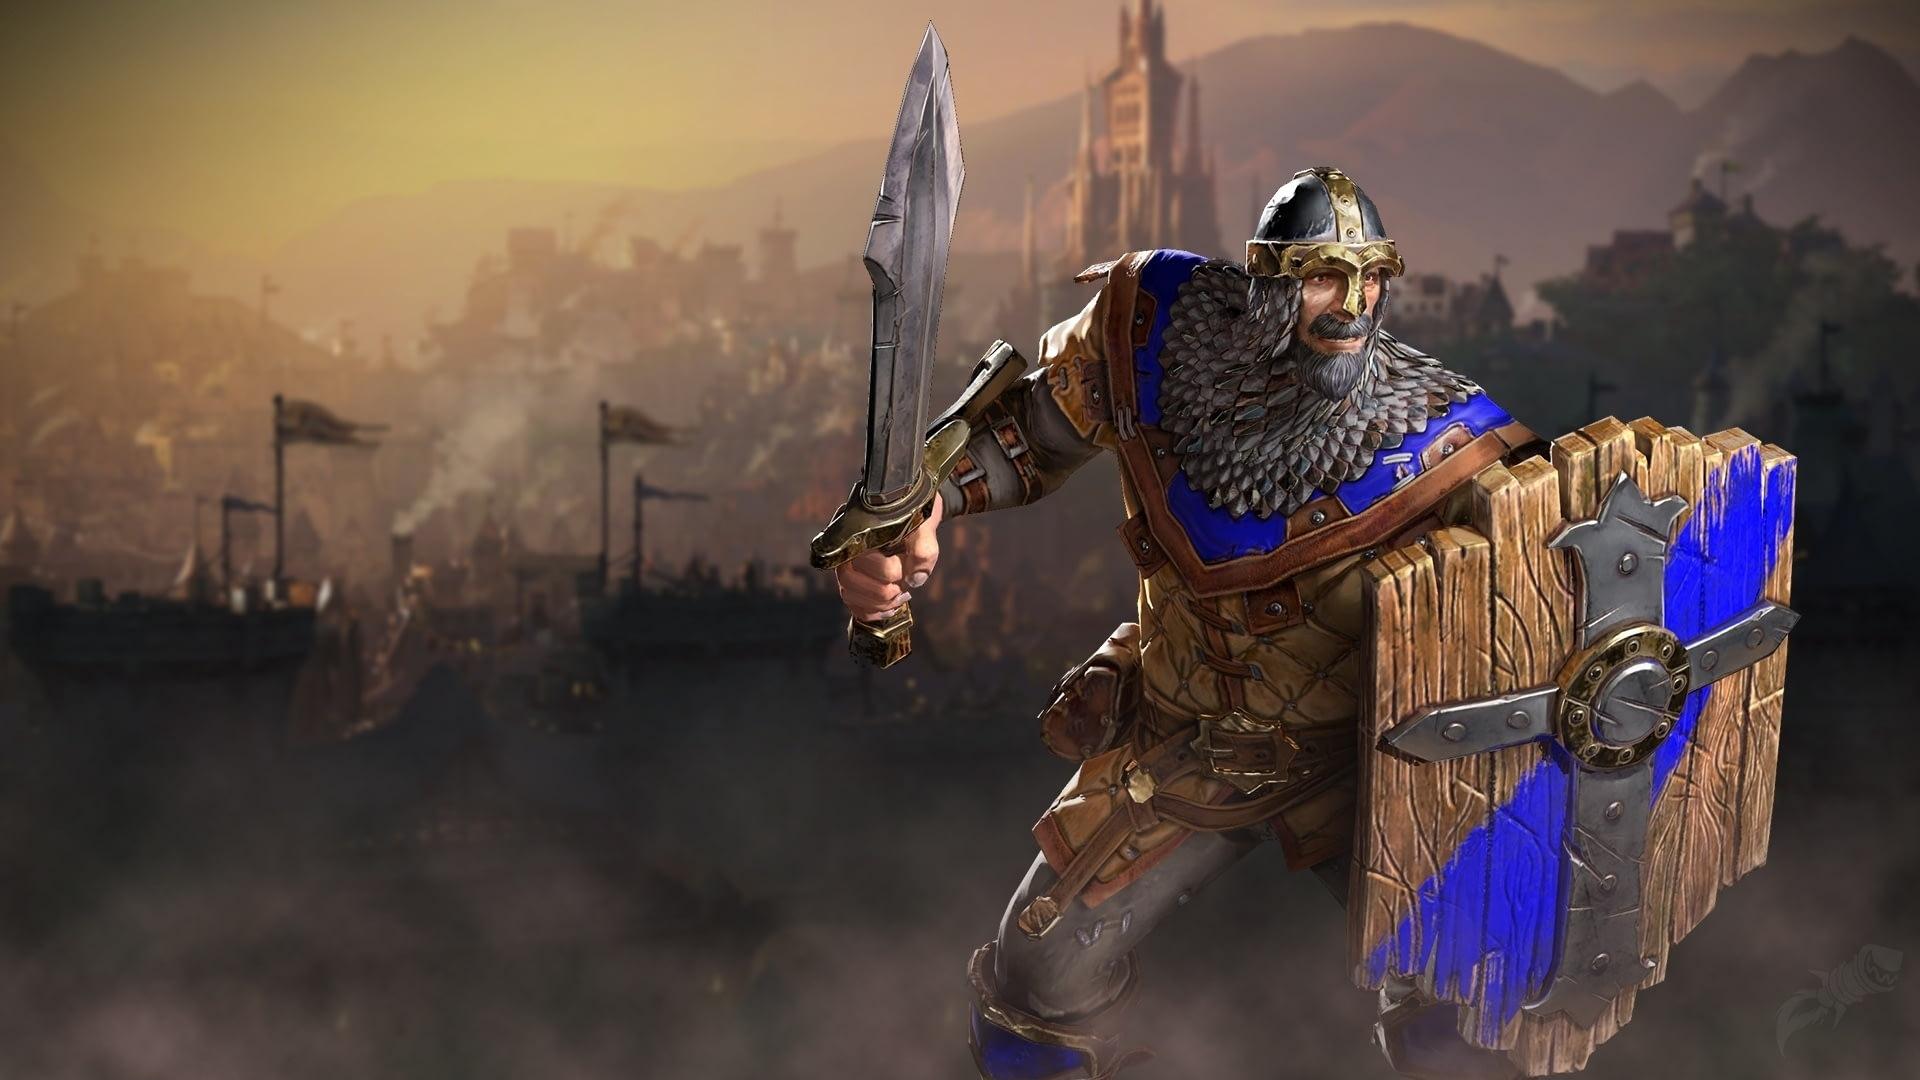 Утечка: обои, меню, интерфейс и иконки Warcraft III: Reforged 4